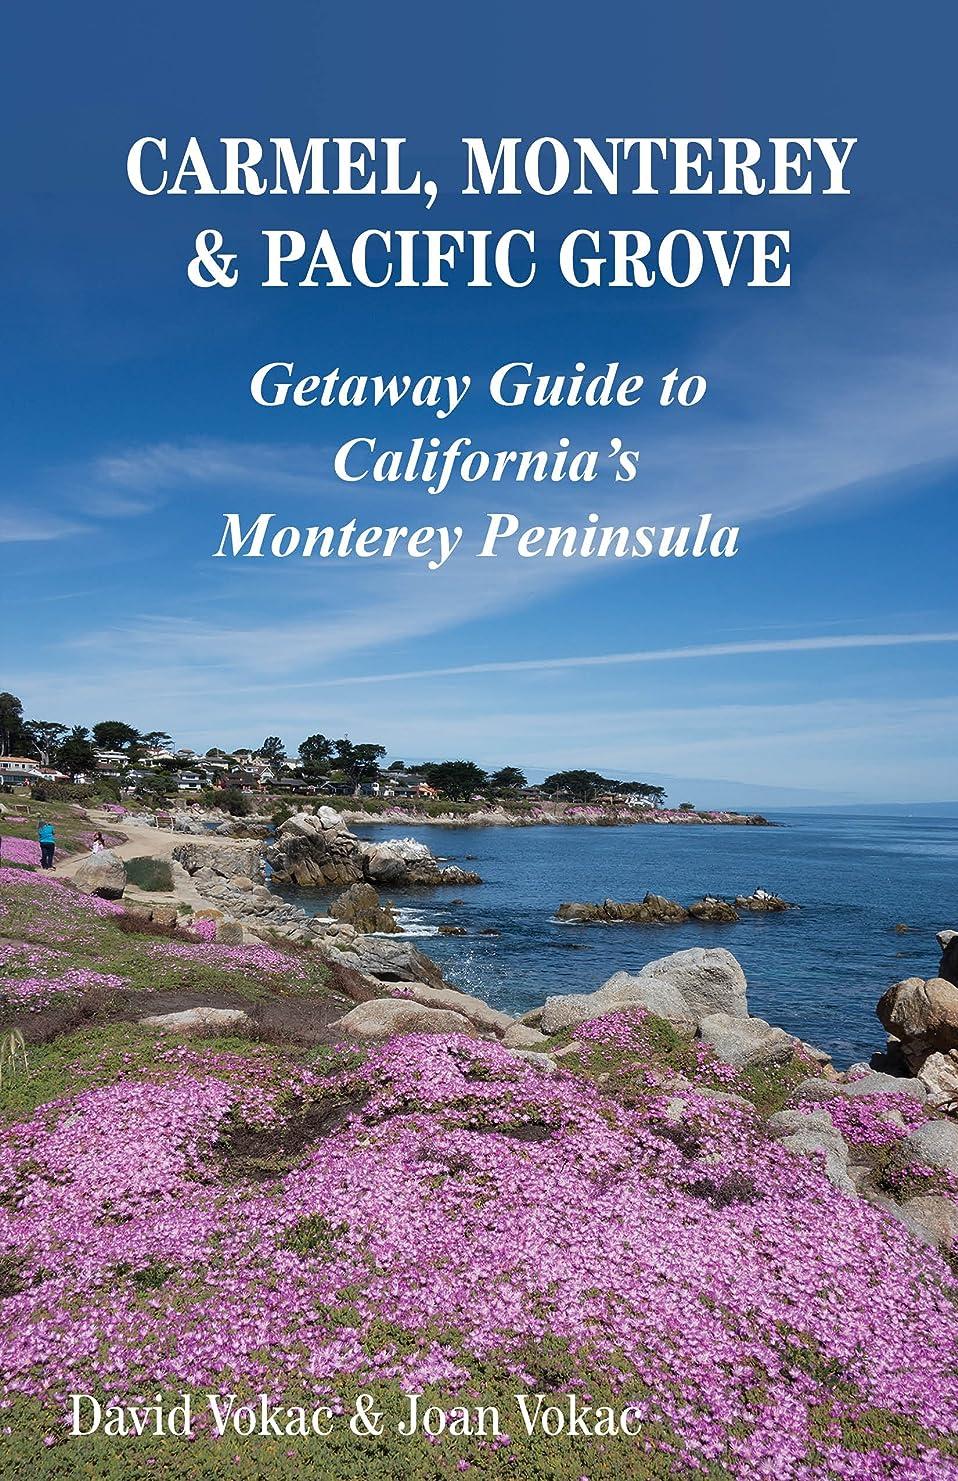 責める賭け組Carmel, Monterey & Pacific Grove: Getaway Guide to California's Monterey Peninsula (Great Towns of America ebook series 13) (English Edition)